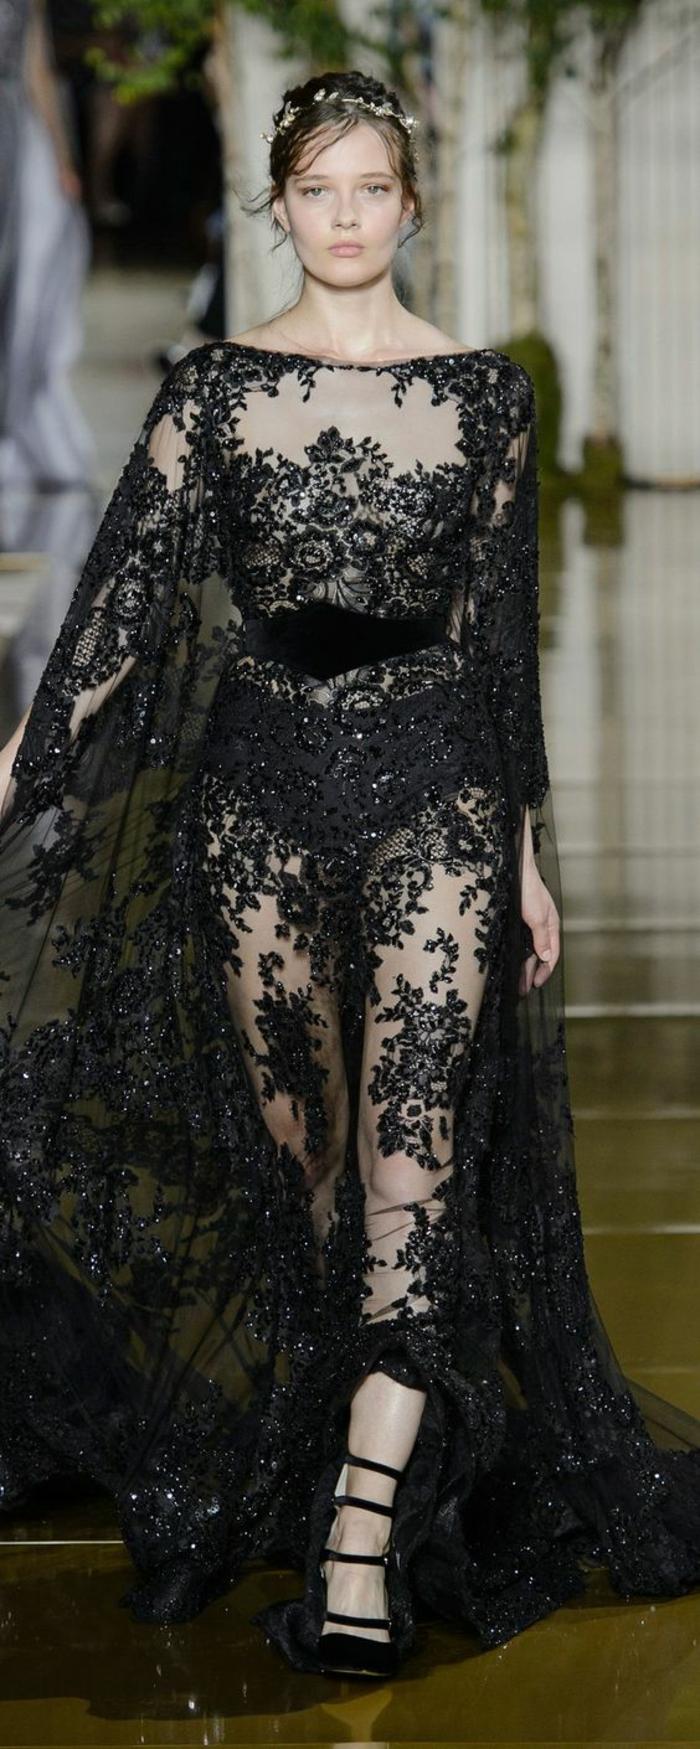 robe noire dentelle robe ceremonie femme Zuhair Murad grand style au décolleté de type bateau